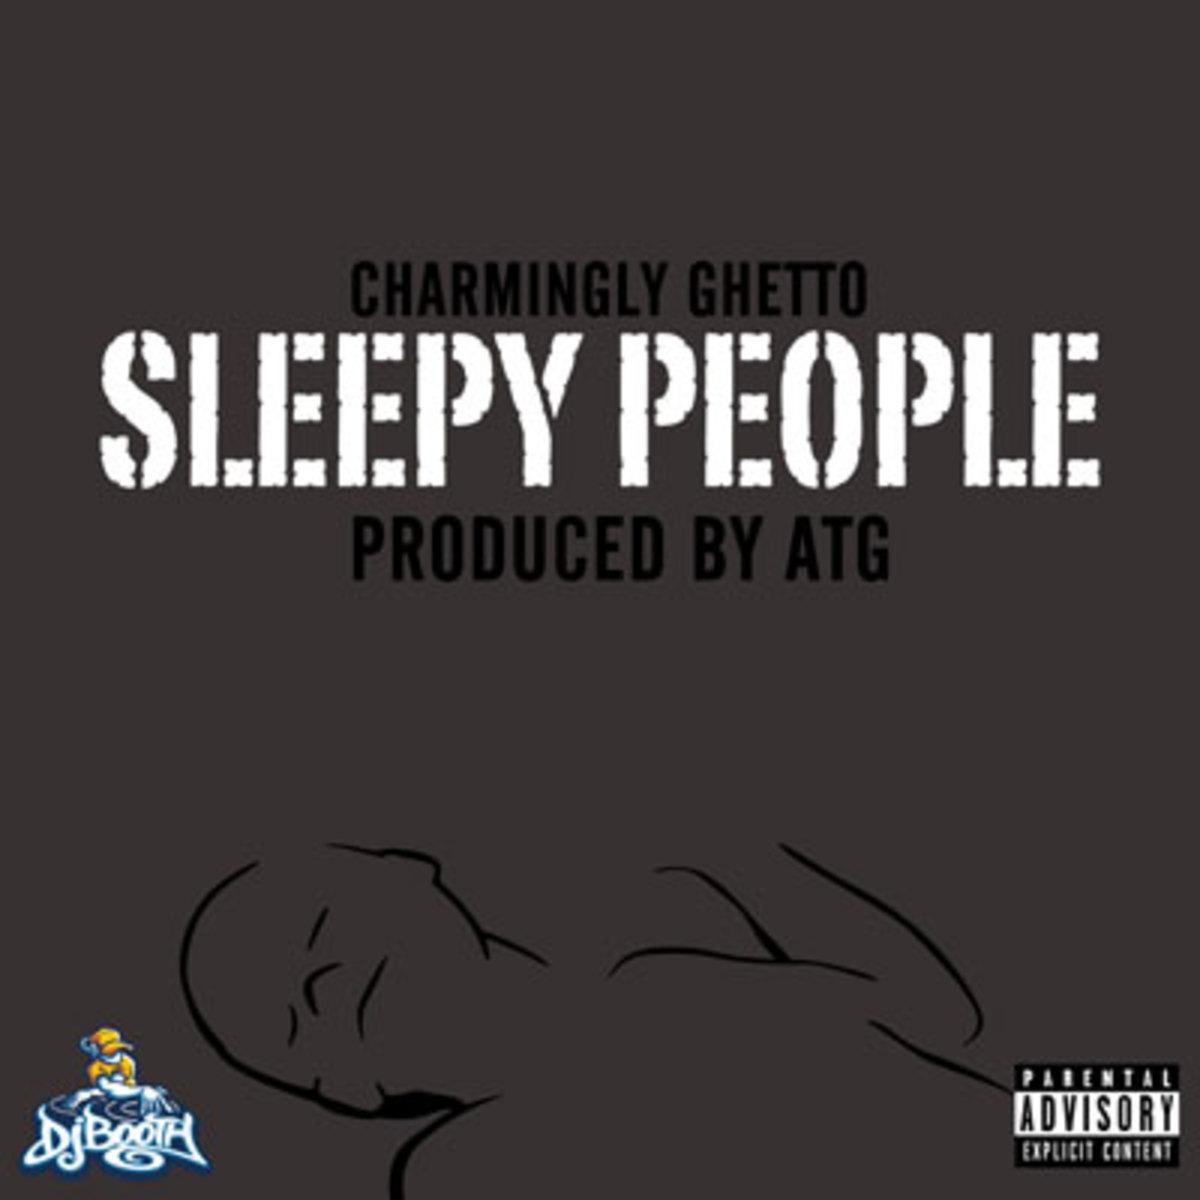 cg-sleepypeople.jpg